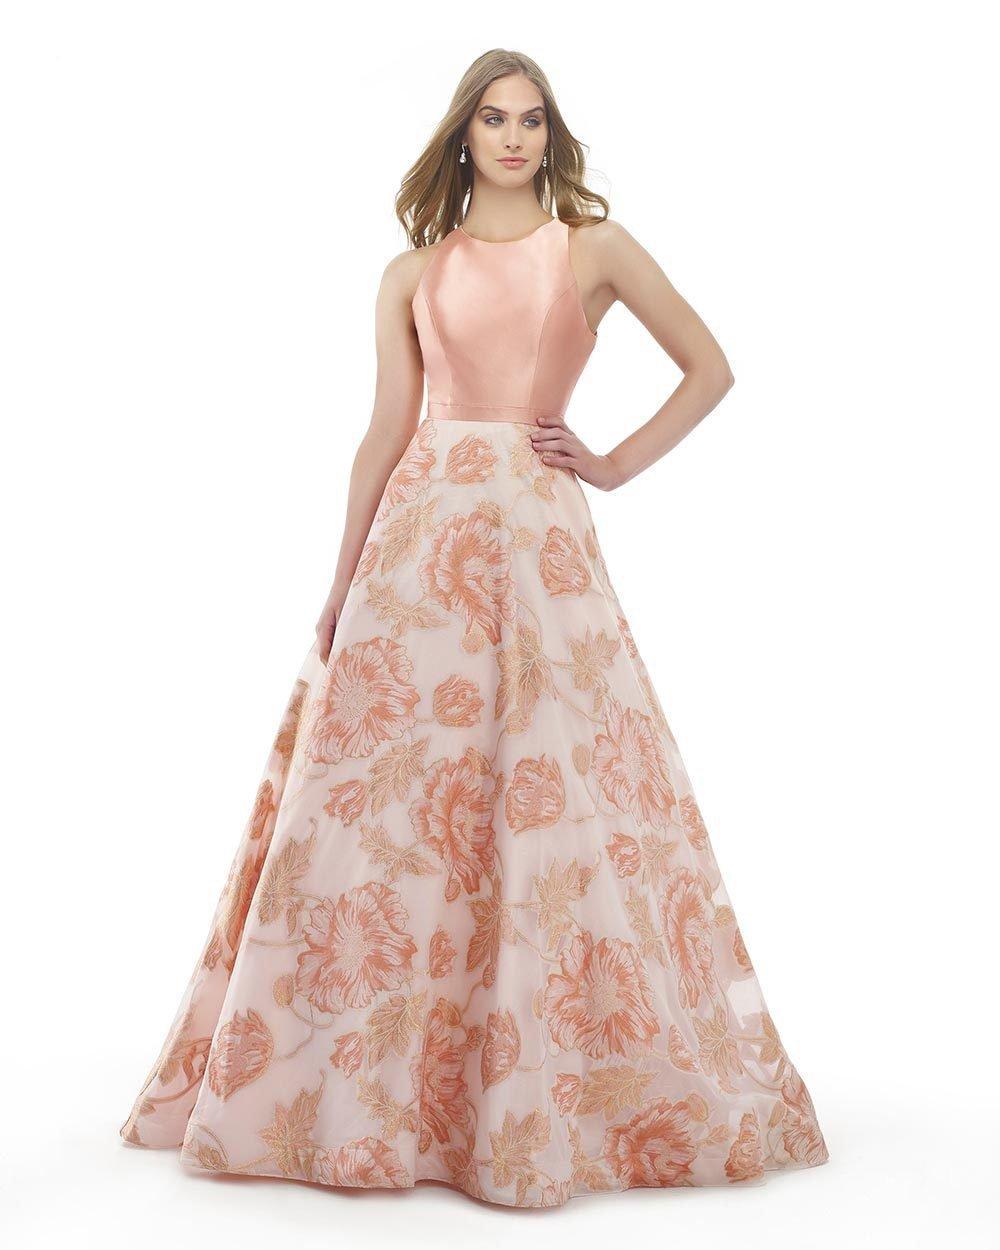 Morrell Maxie - 15843 Sleeveless Mikado Floral Ballgown